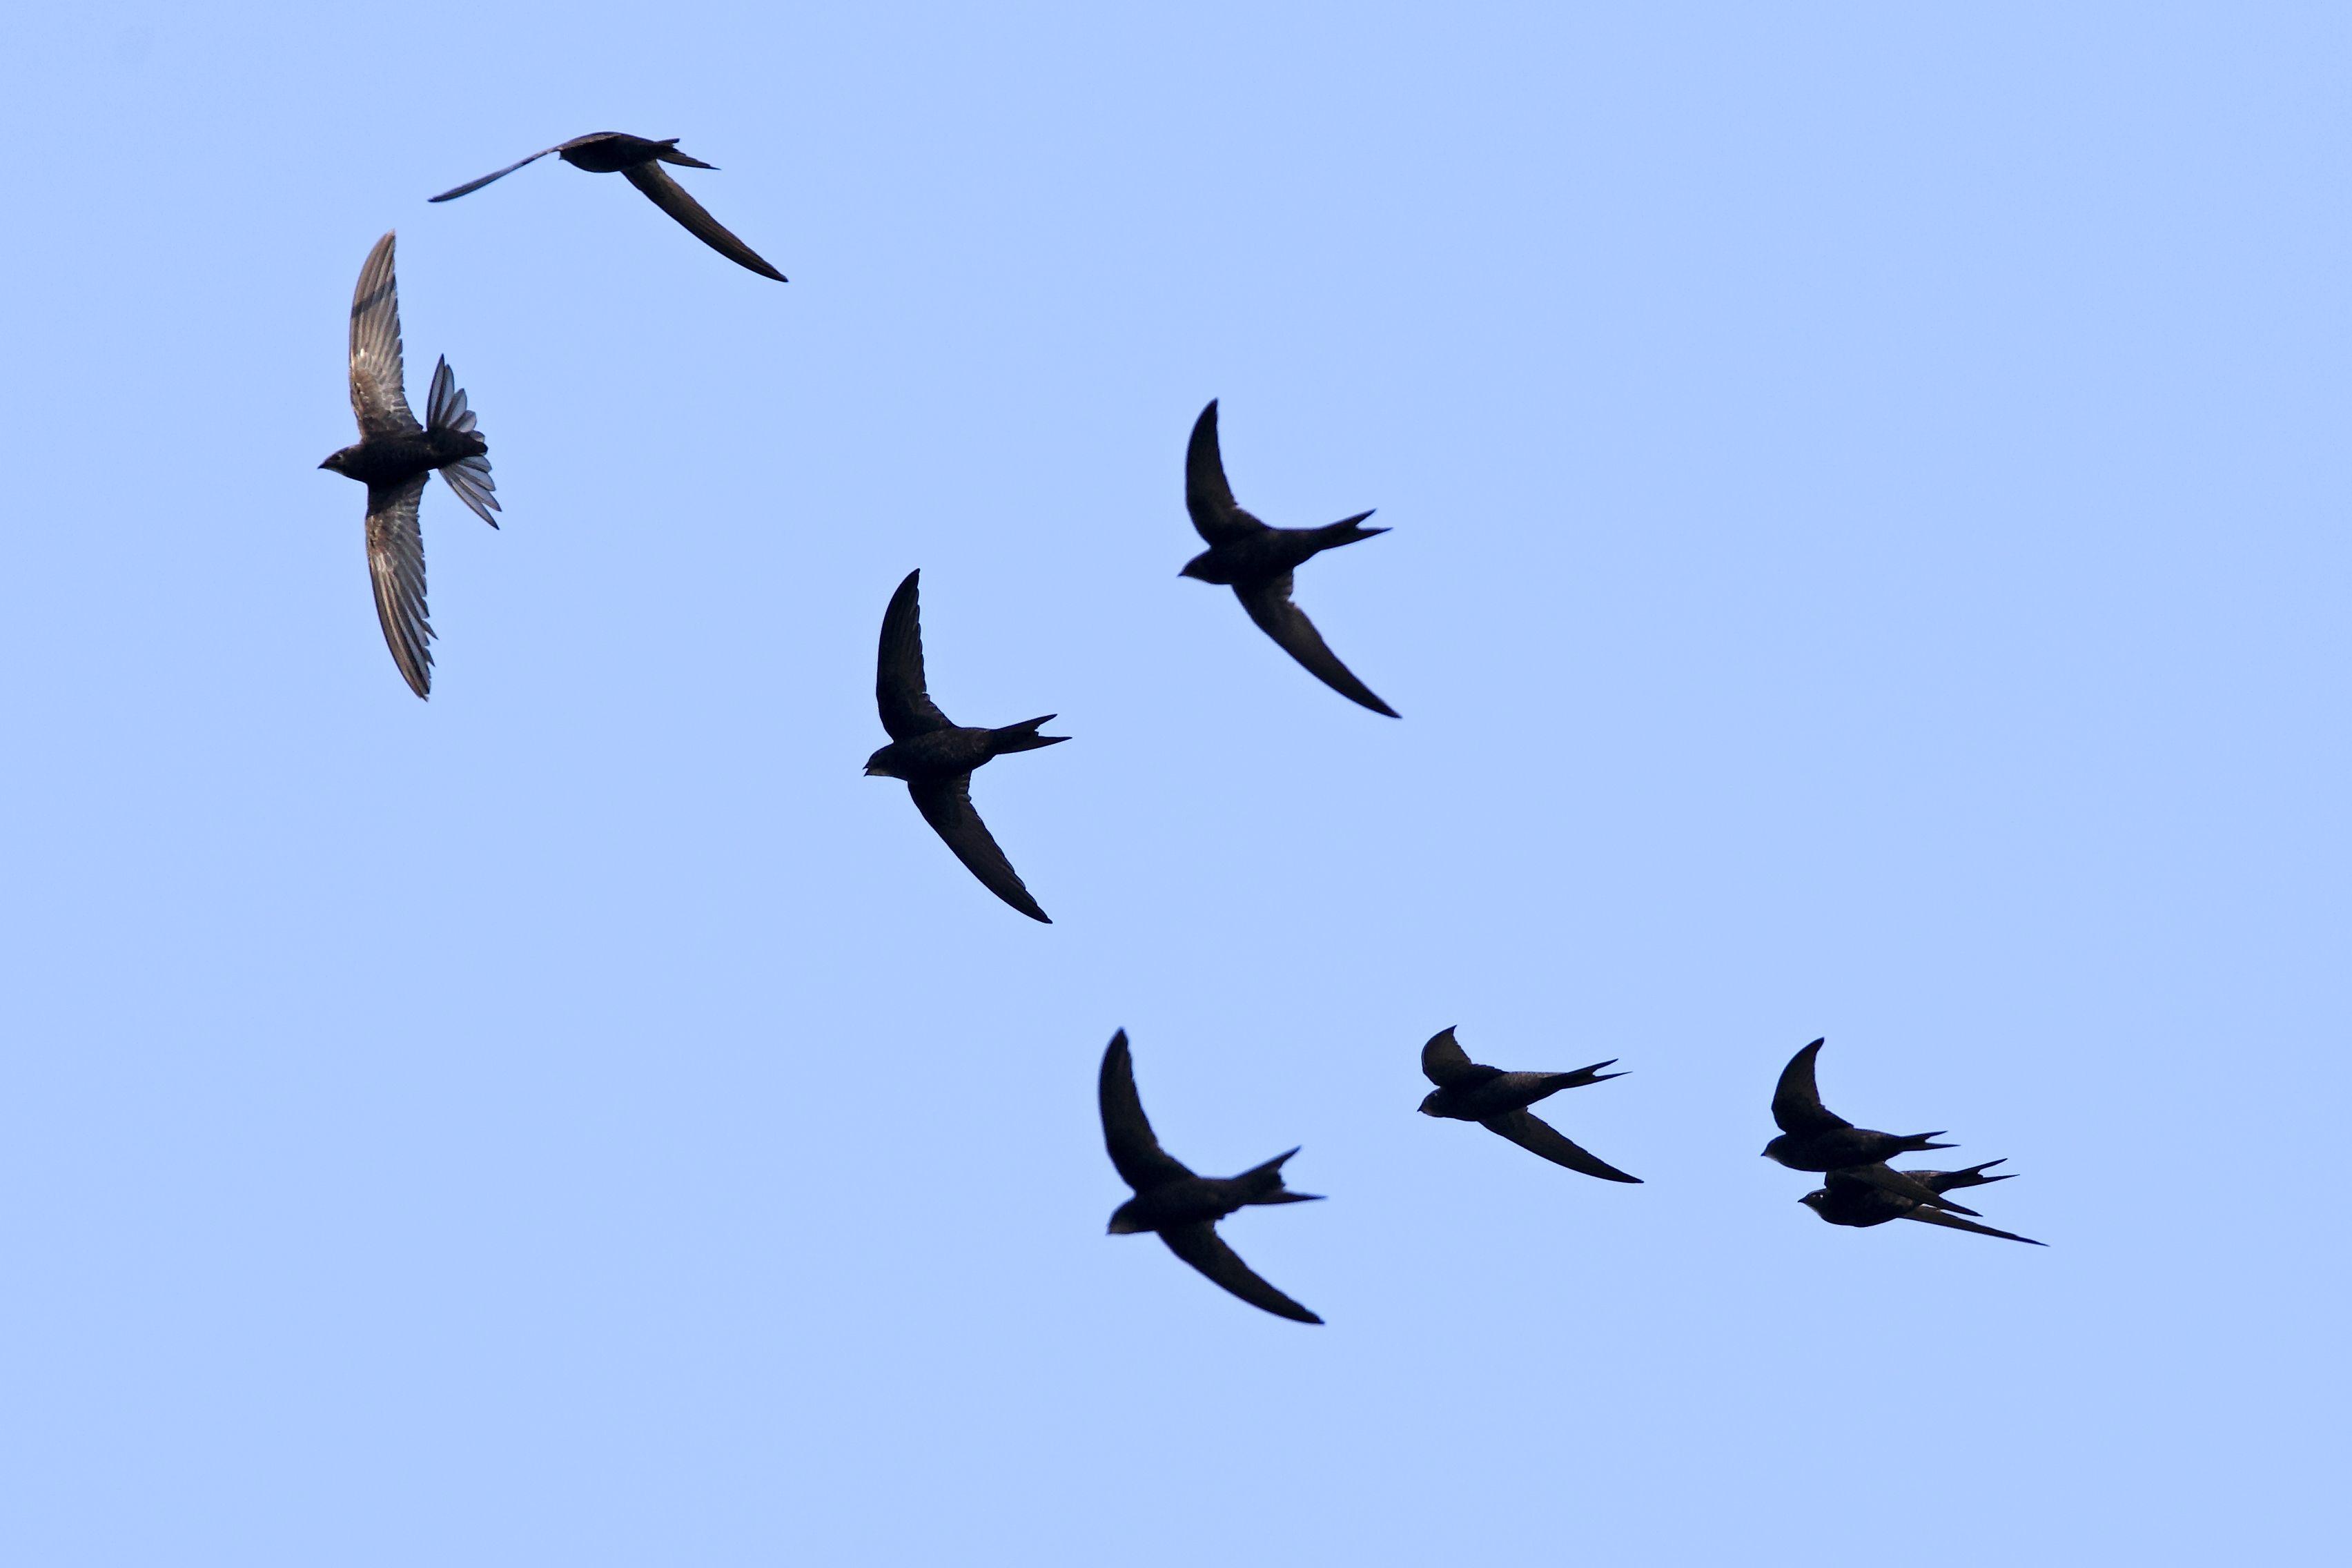 кефире картинки летящих птиц отличие японских седанов